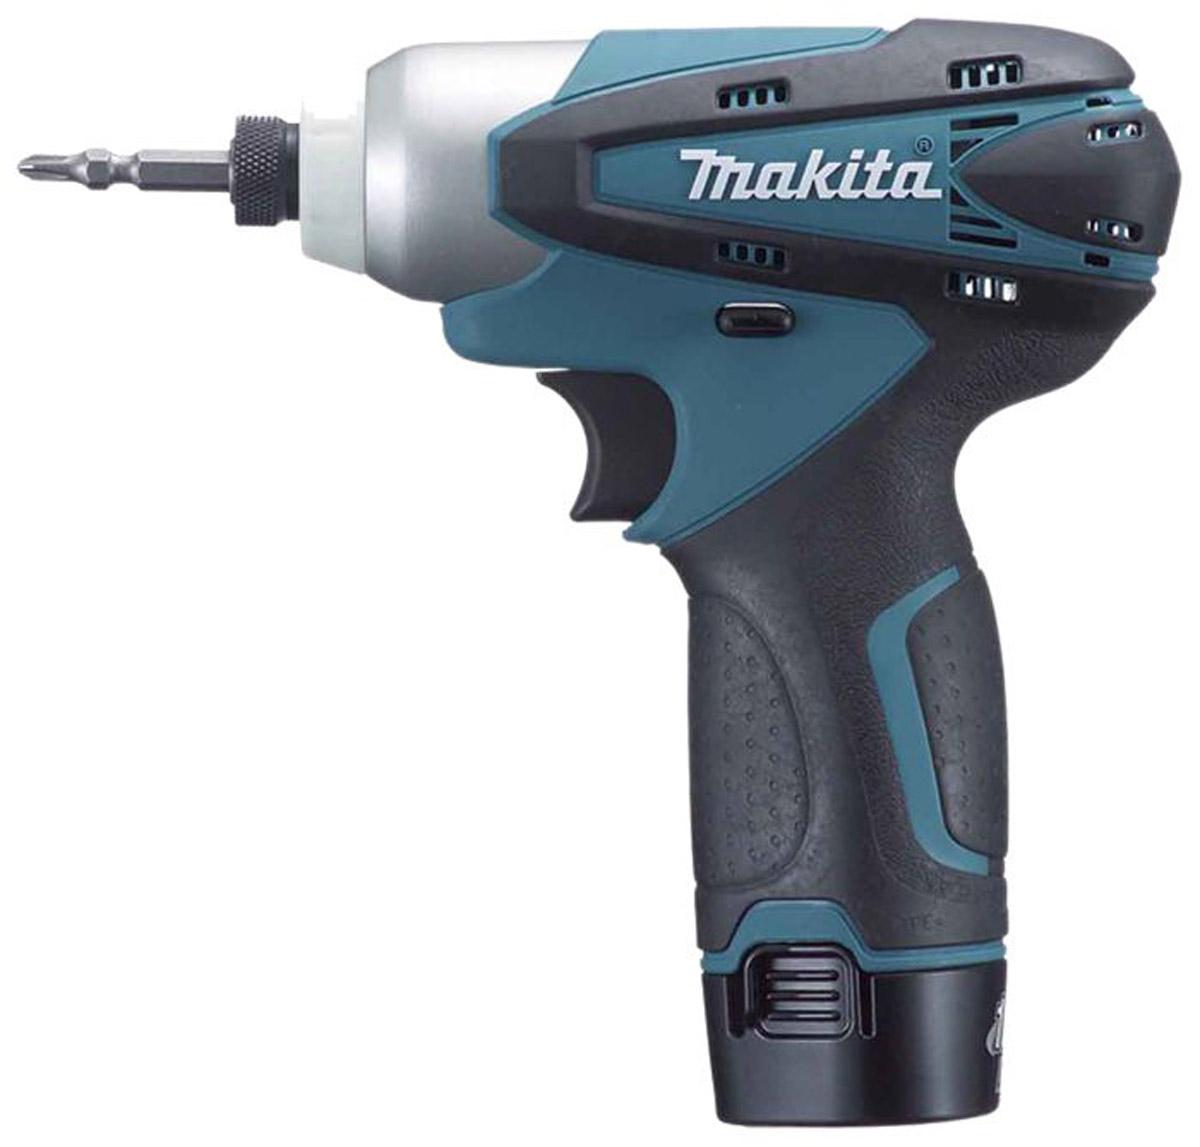 Шуруповерт ударный Makita TD090DWE, аккумуляторный164522Аккумуляторный ударный шуруповерт Makita TD090DWE предназначен для закручивания крепежных элементов. Можно использовать в слабоосвещенных местах, так как инструмент оборудован подсветкой. Возможна работа с мелкими (М4 - М5), стандартными (М5 - М12) и высокопрочными (М5 - М10) болтами, а также с шурупами (22-90 мм). Электронная регулировка числа оборотов делает работу более точной. Аккумулятор: 10,8 В; Емкость аккумулятора: 1,3 Ач; Тип аккумулятора: LiION.